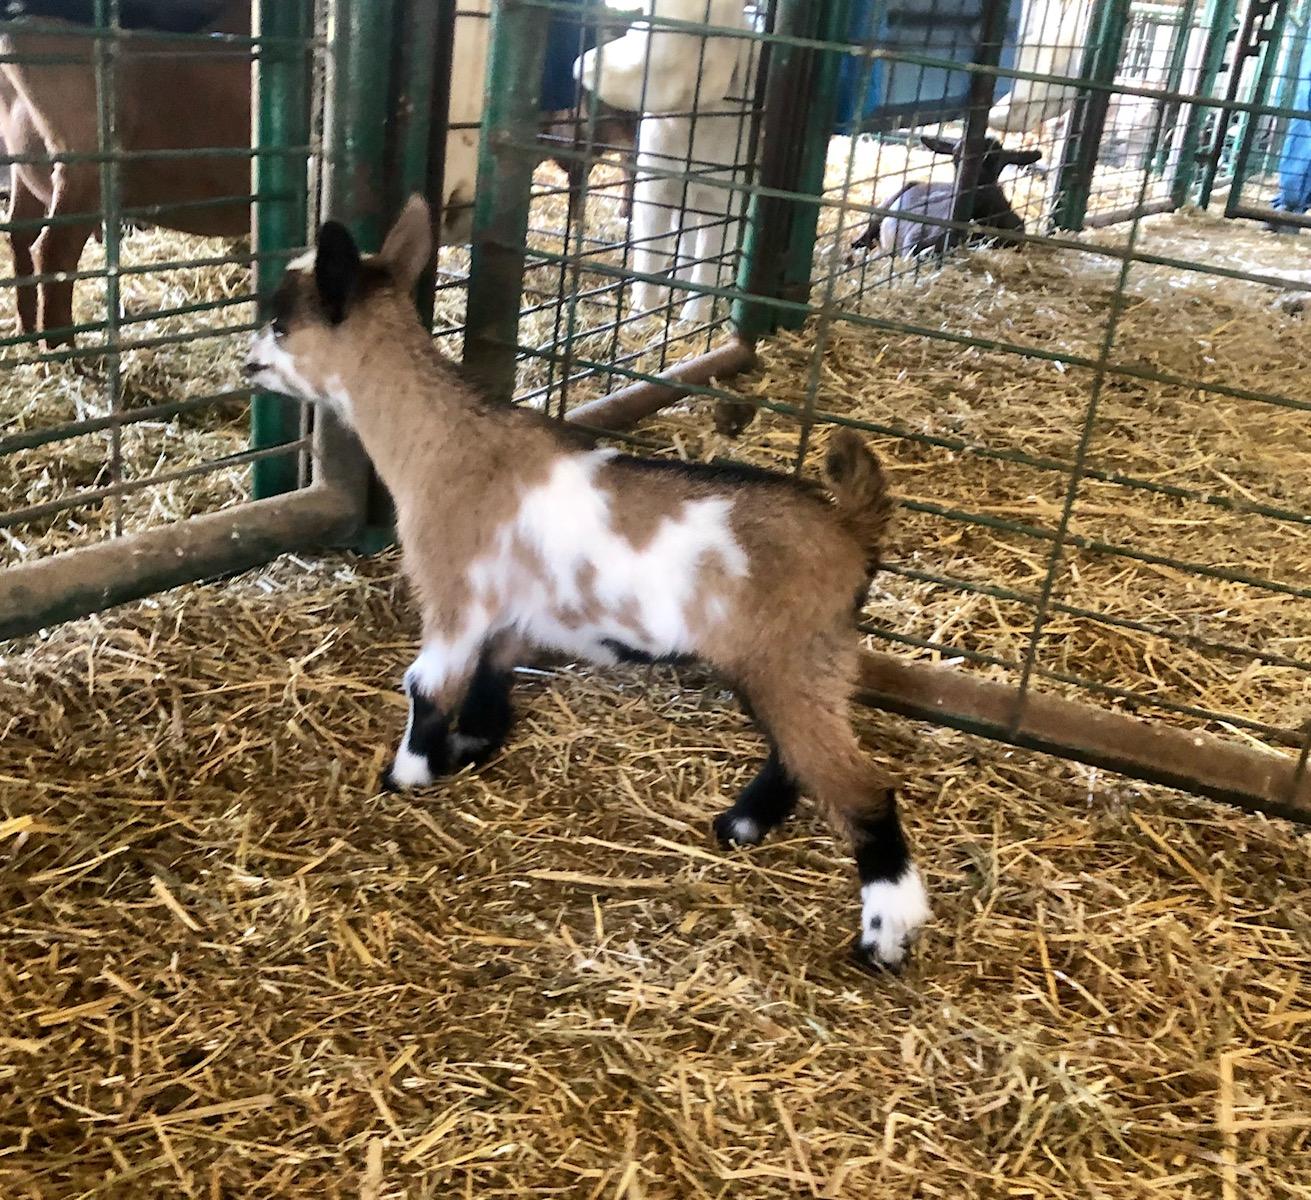 Cedar View Cosimo *B - Buck kid on 5/6/19 - 10 days old